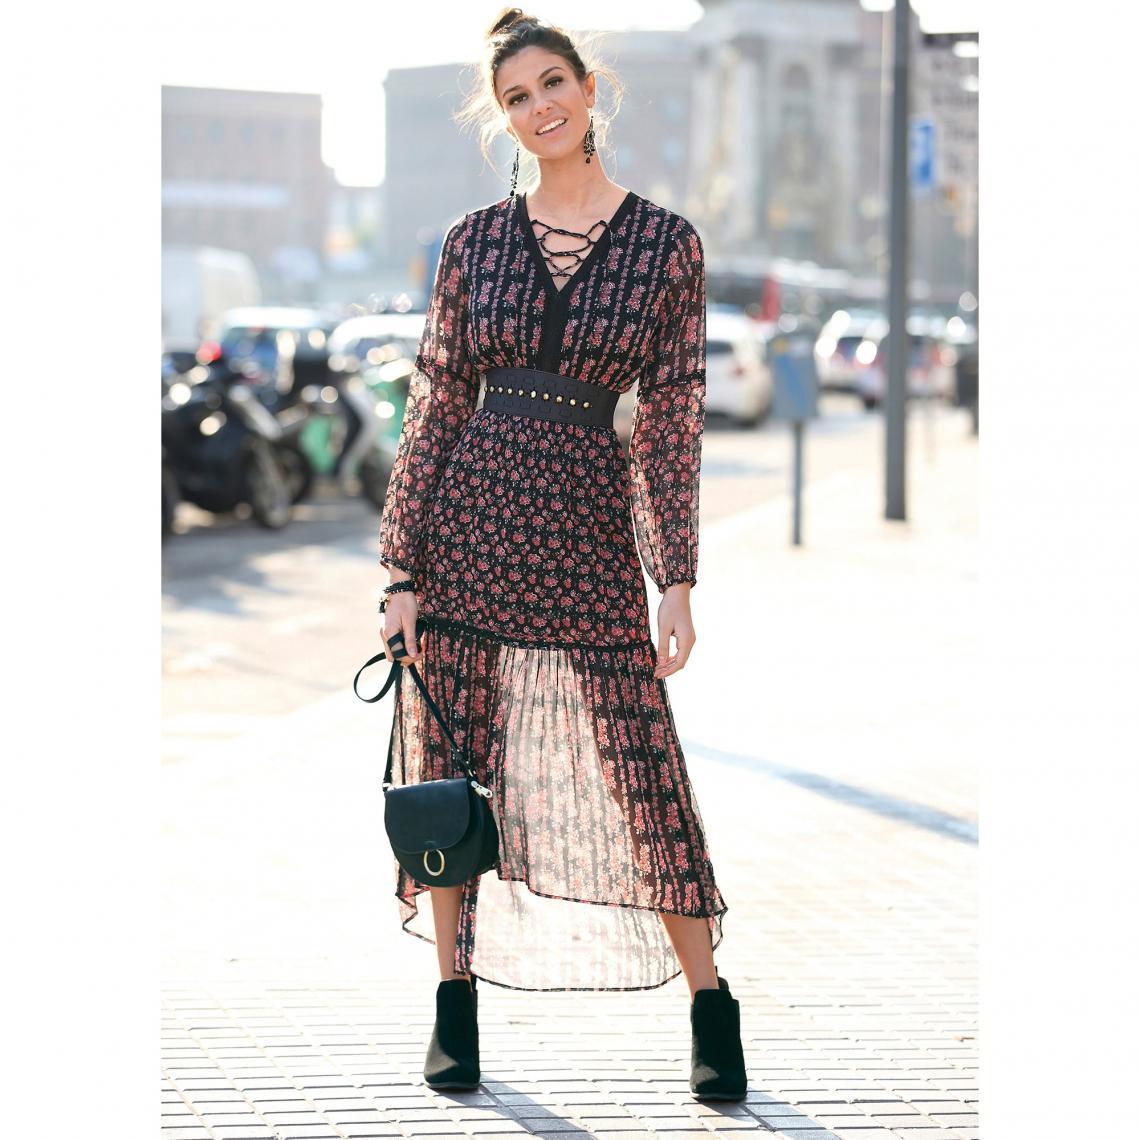 Promo : Robe longue asymétrique imprimée manches longues et dentelle - Imprimé Noir - 3 SUISSES - Modalova